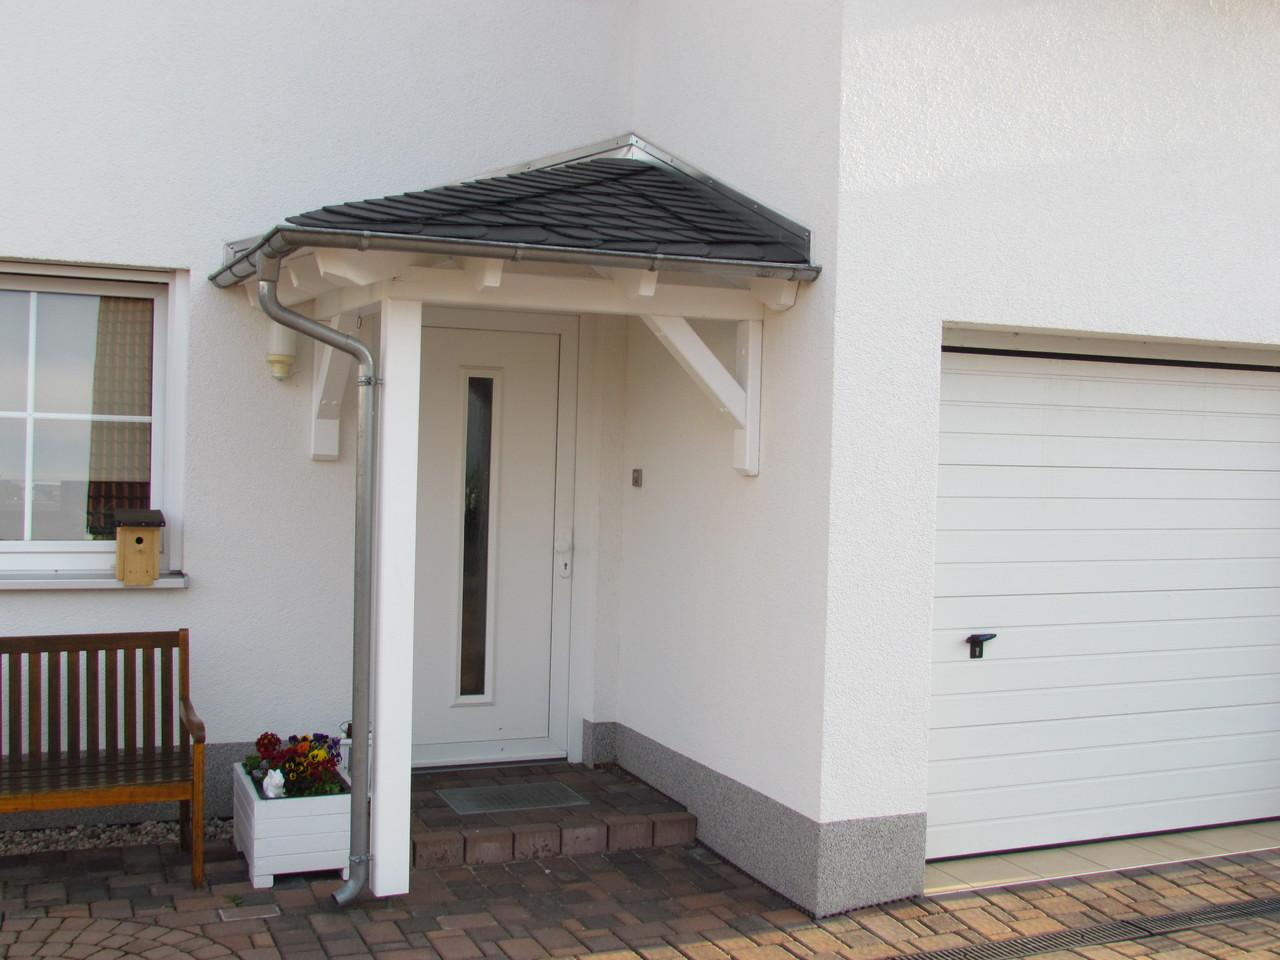 Vordach in einer Wandinnenecke